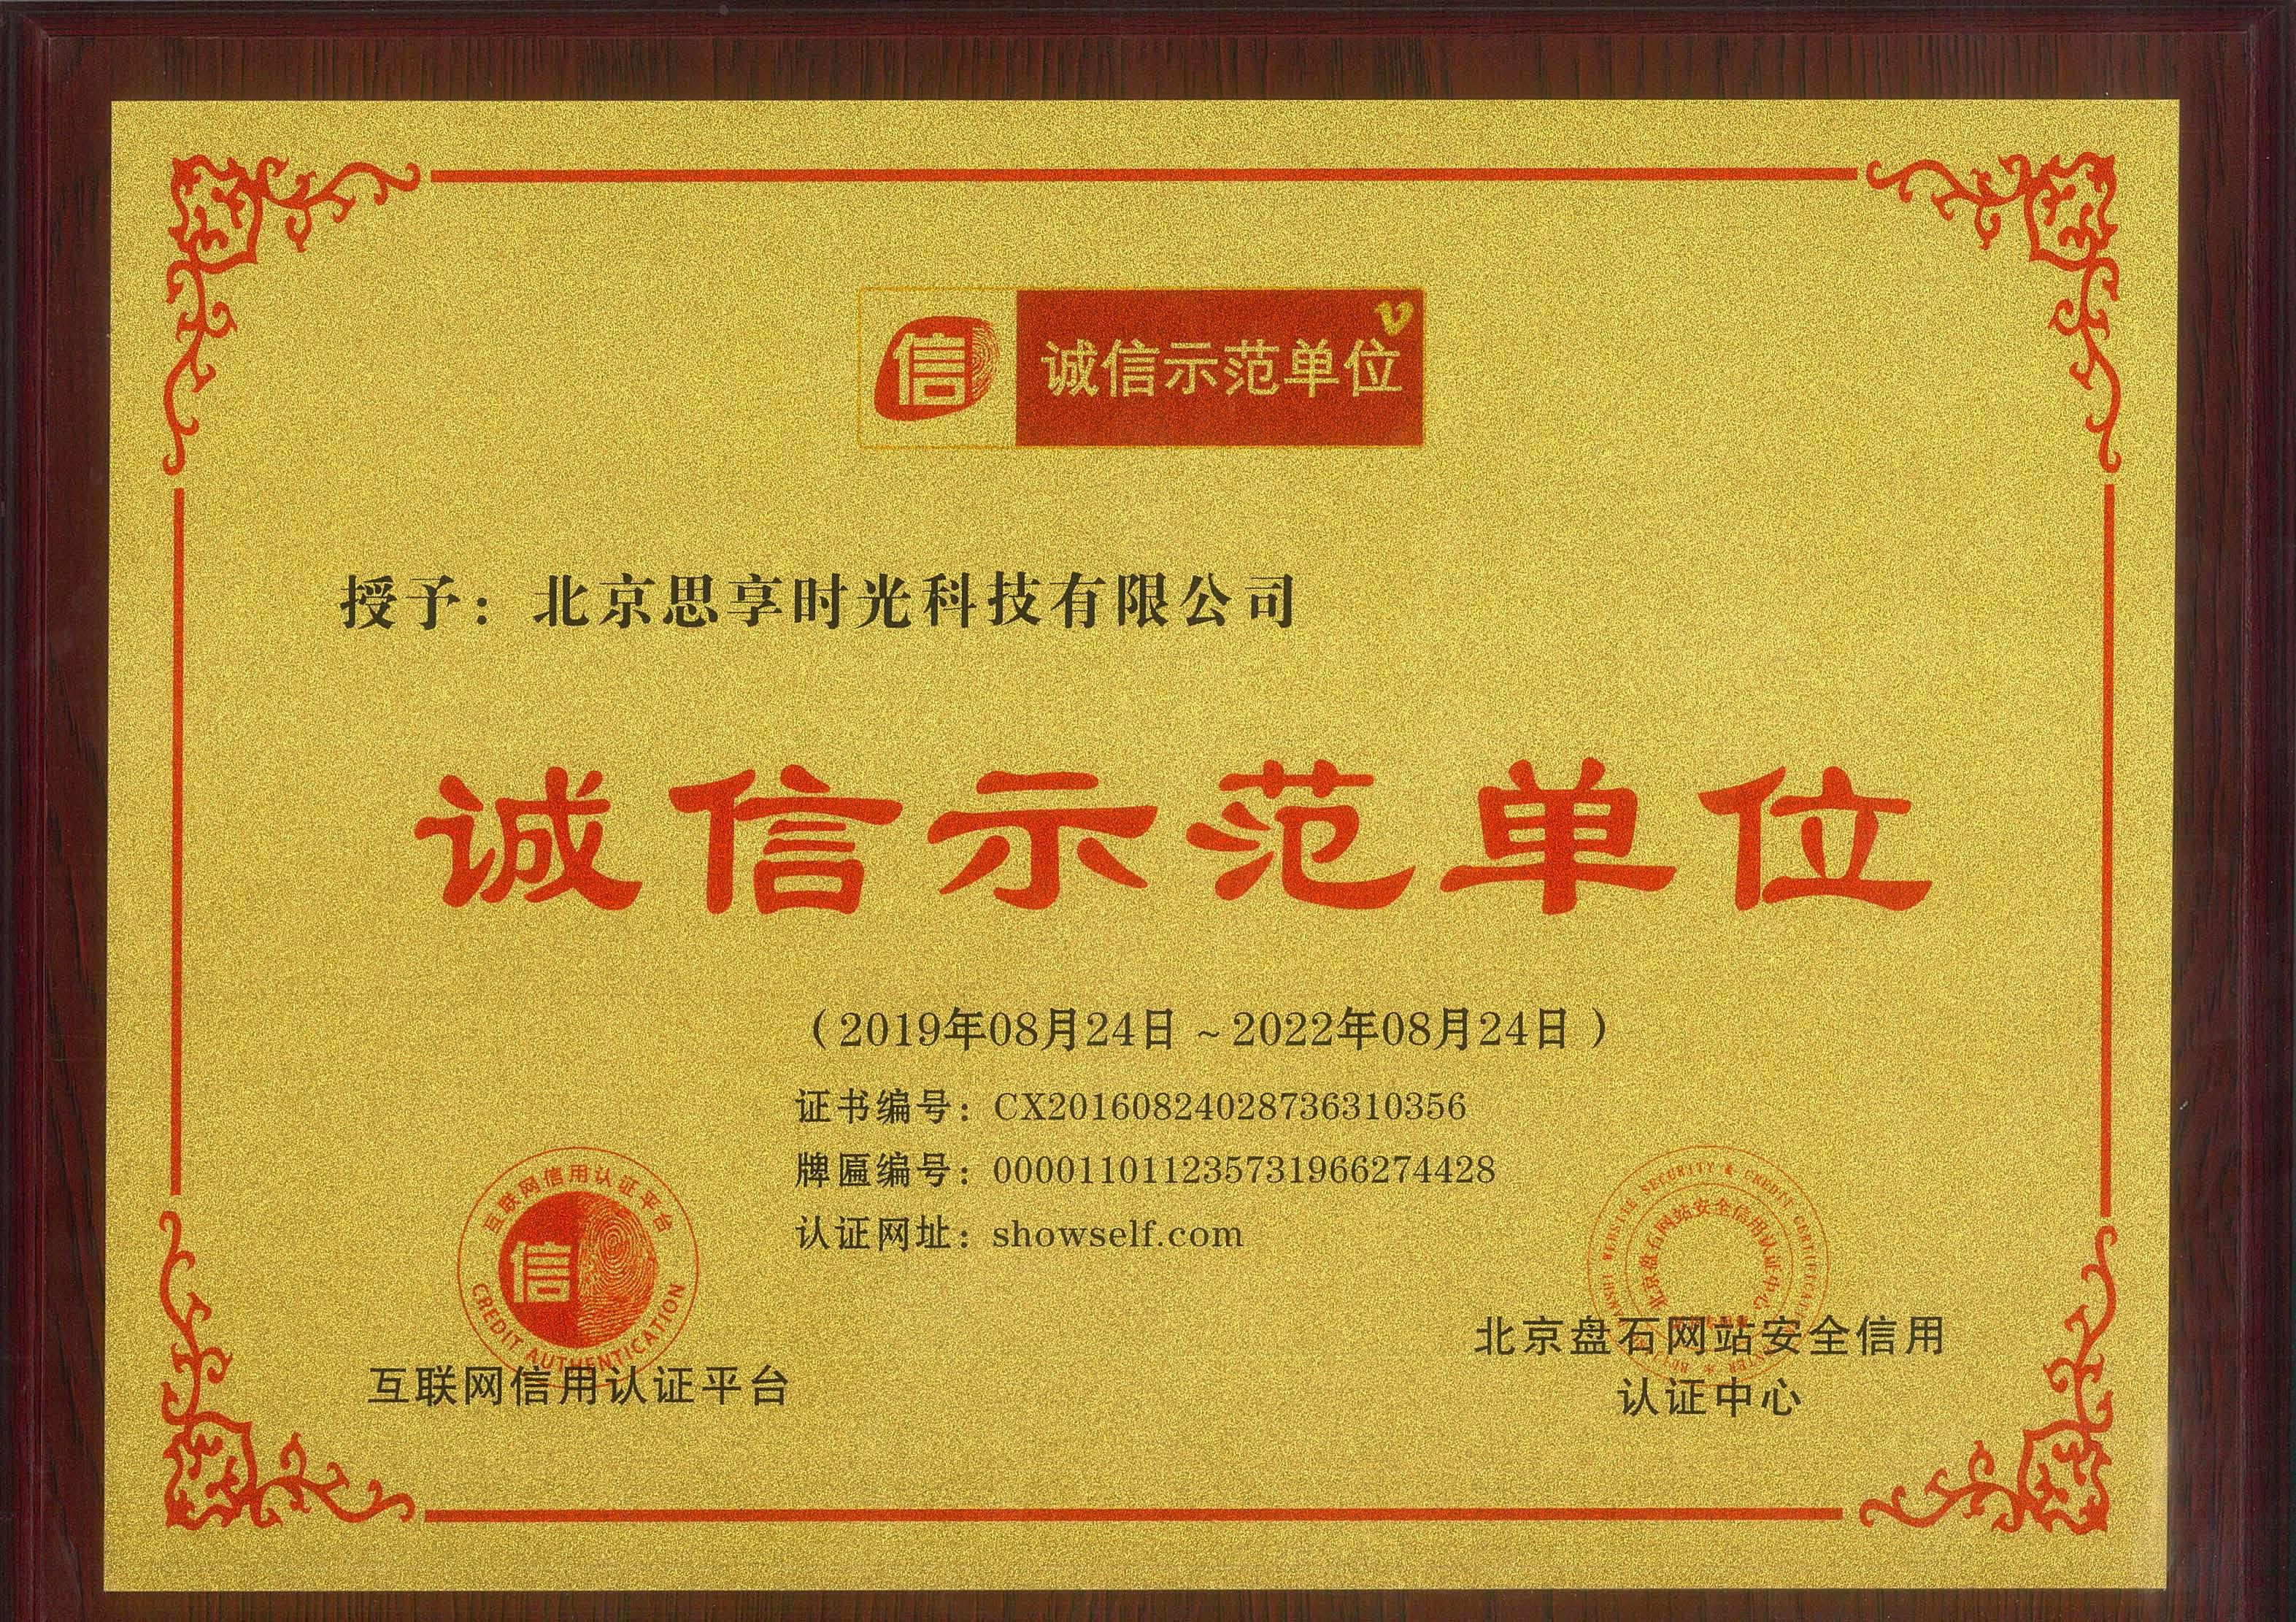 China's Ethical Internet Enterprise Awards